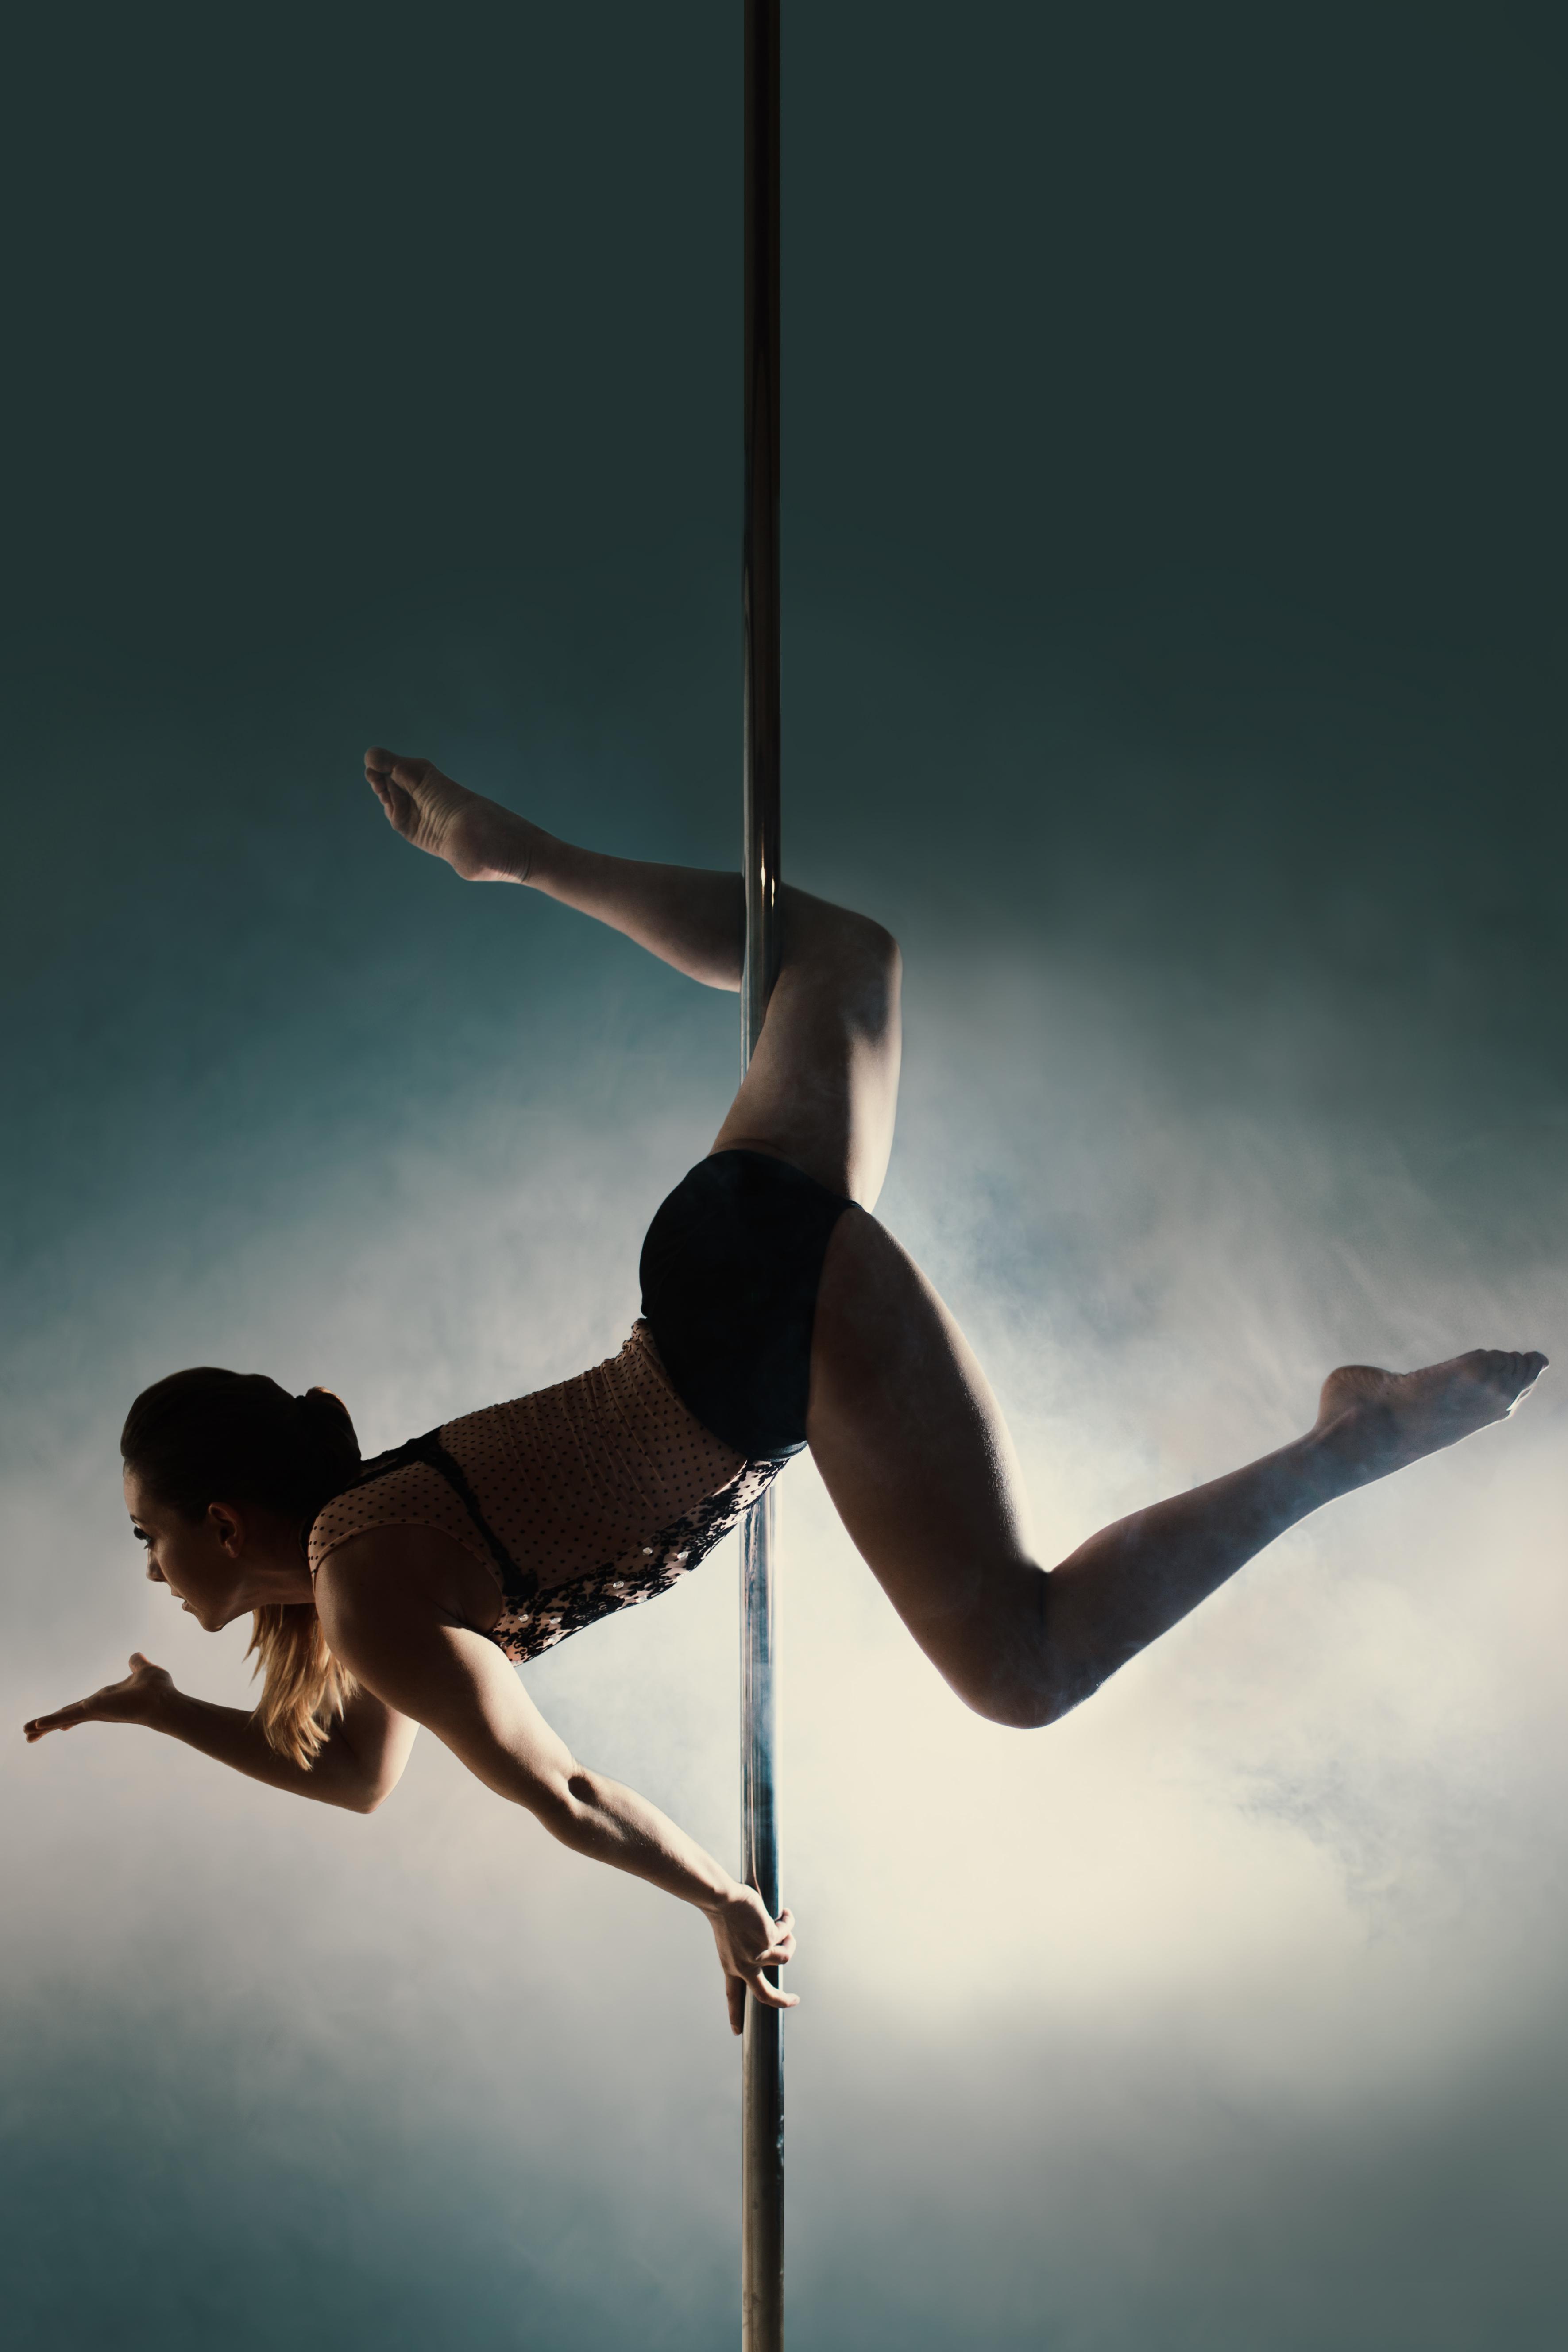 magazynkobiet.pl - Pole dance Magazyn Kobiet - Sport i kobiecość? Wybieram pole dance!